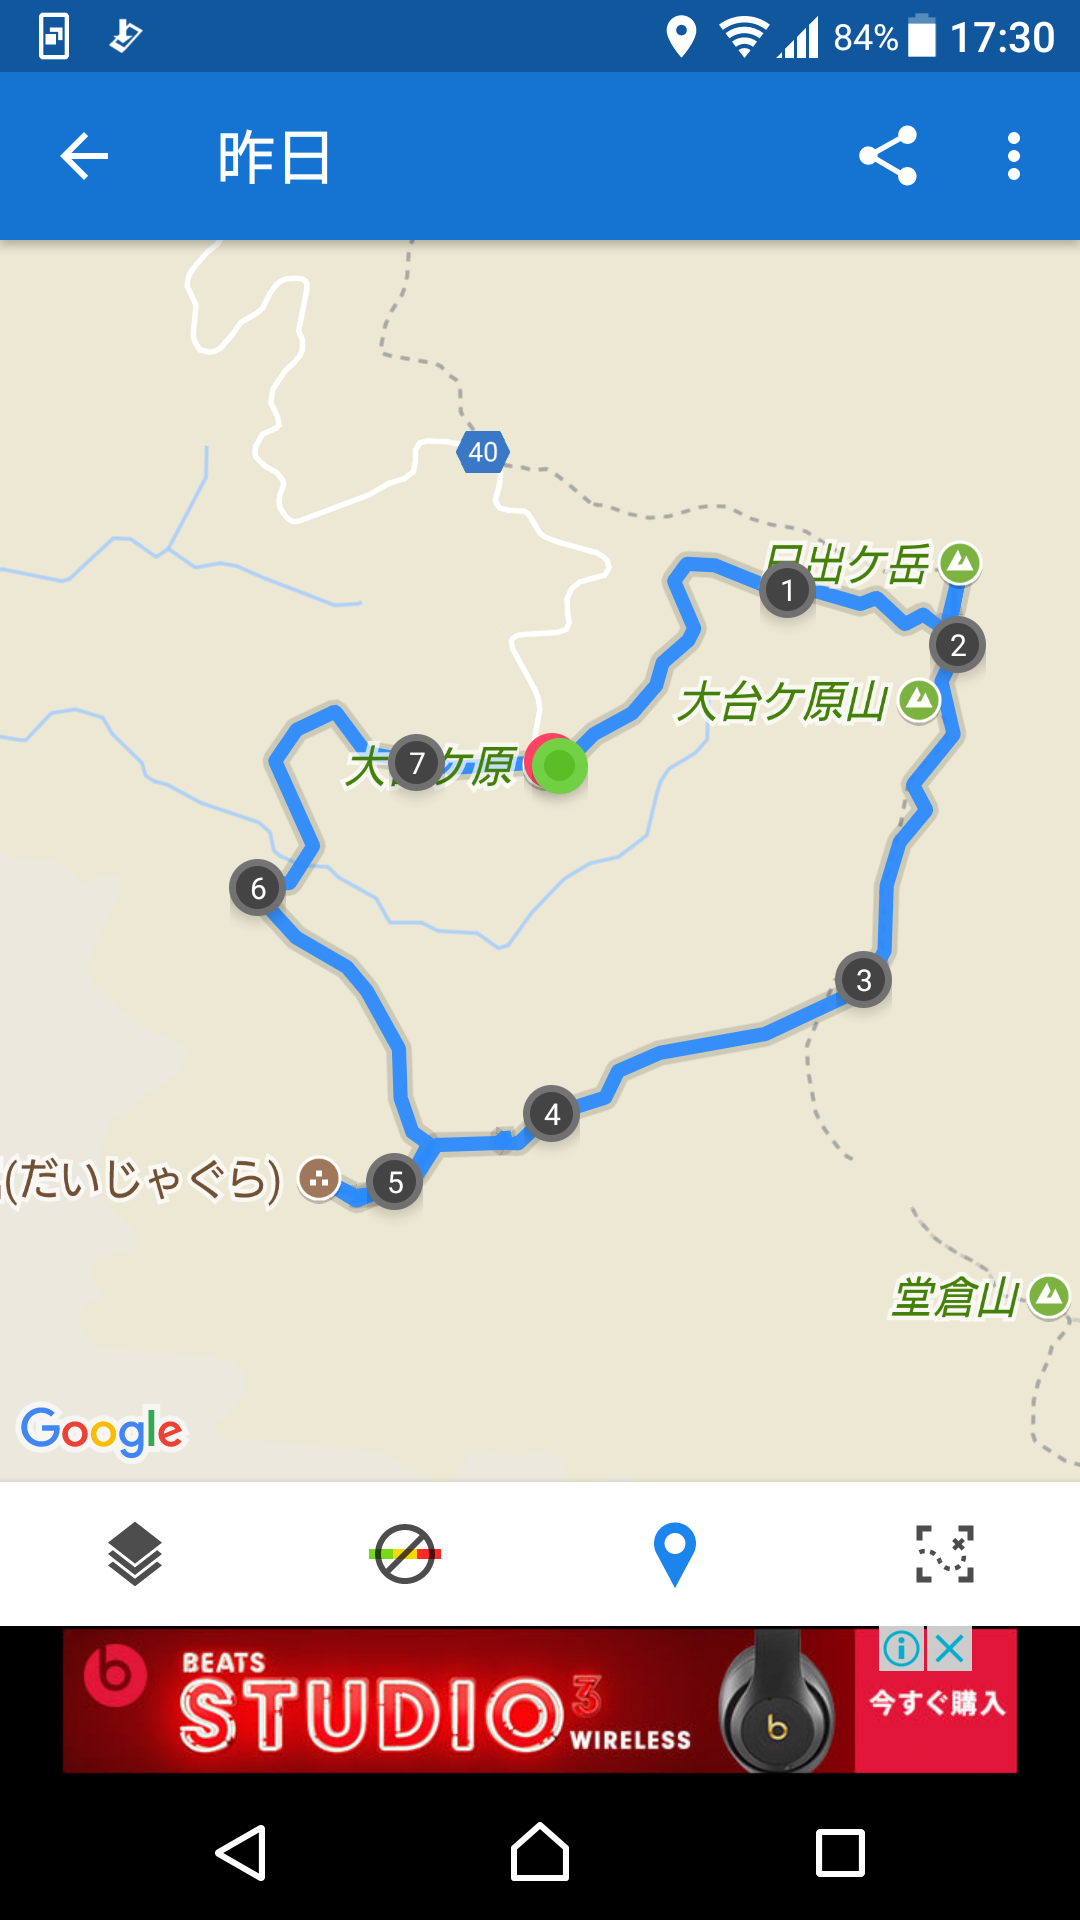 f:id:ynakayama27:20171001173158p:plain